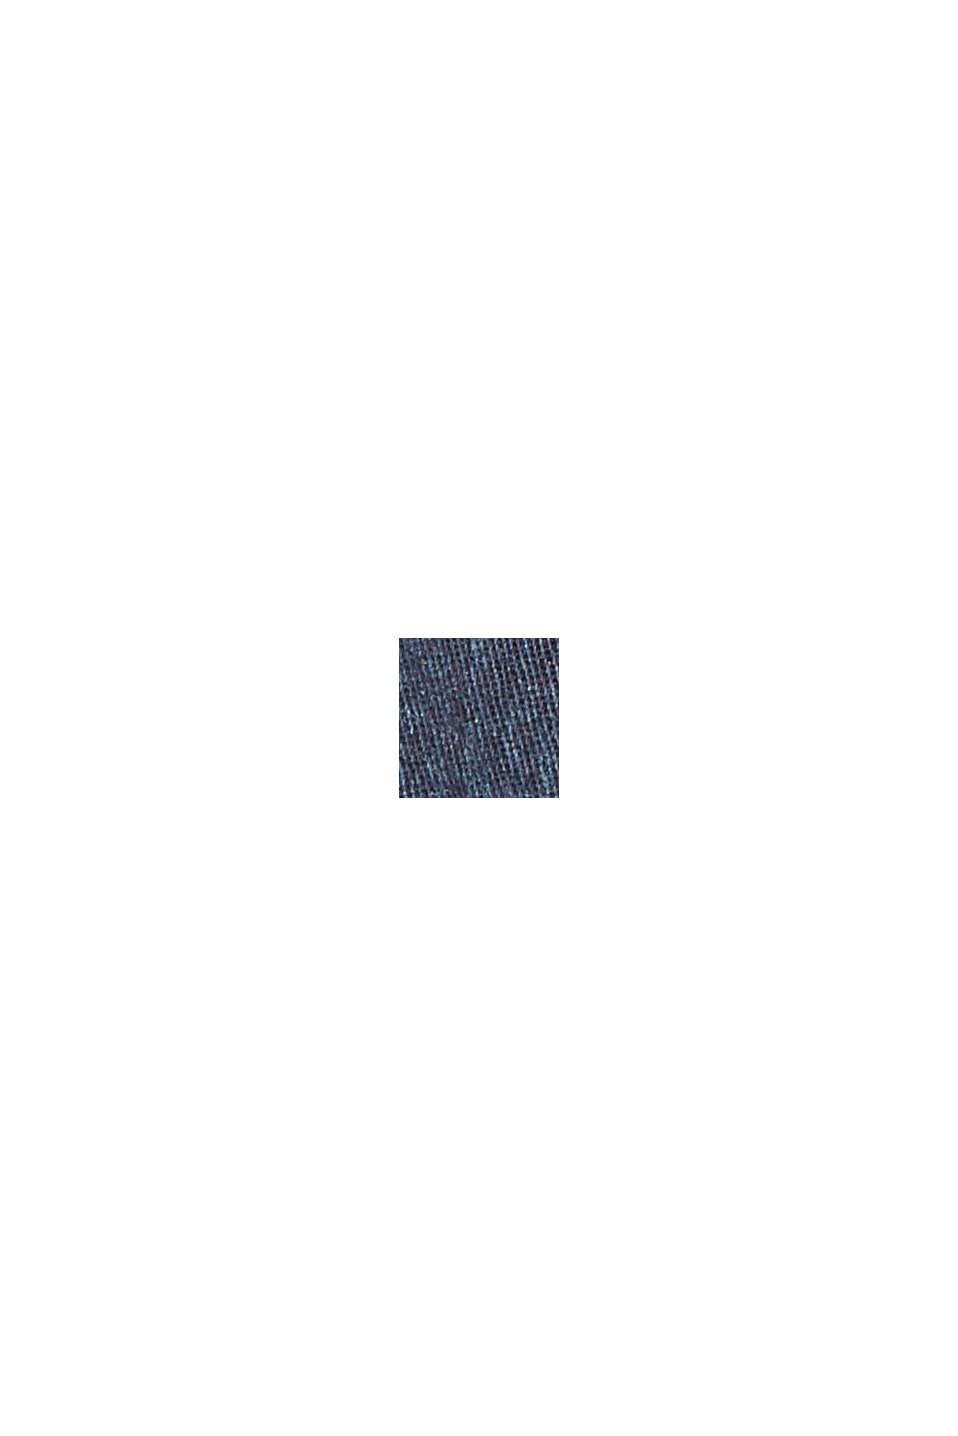 Bermudashorts med print, i bomuldsstretch, NAVY, swatch